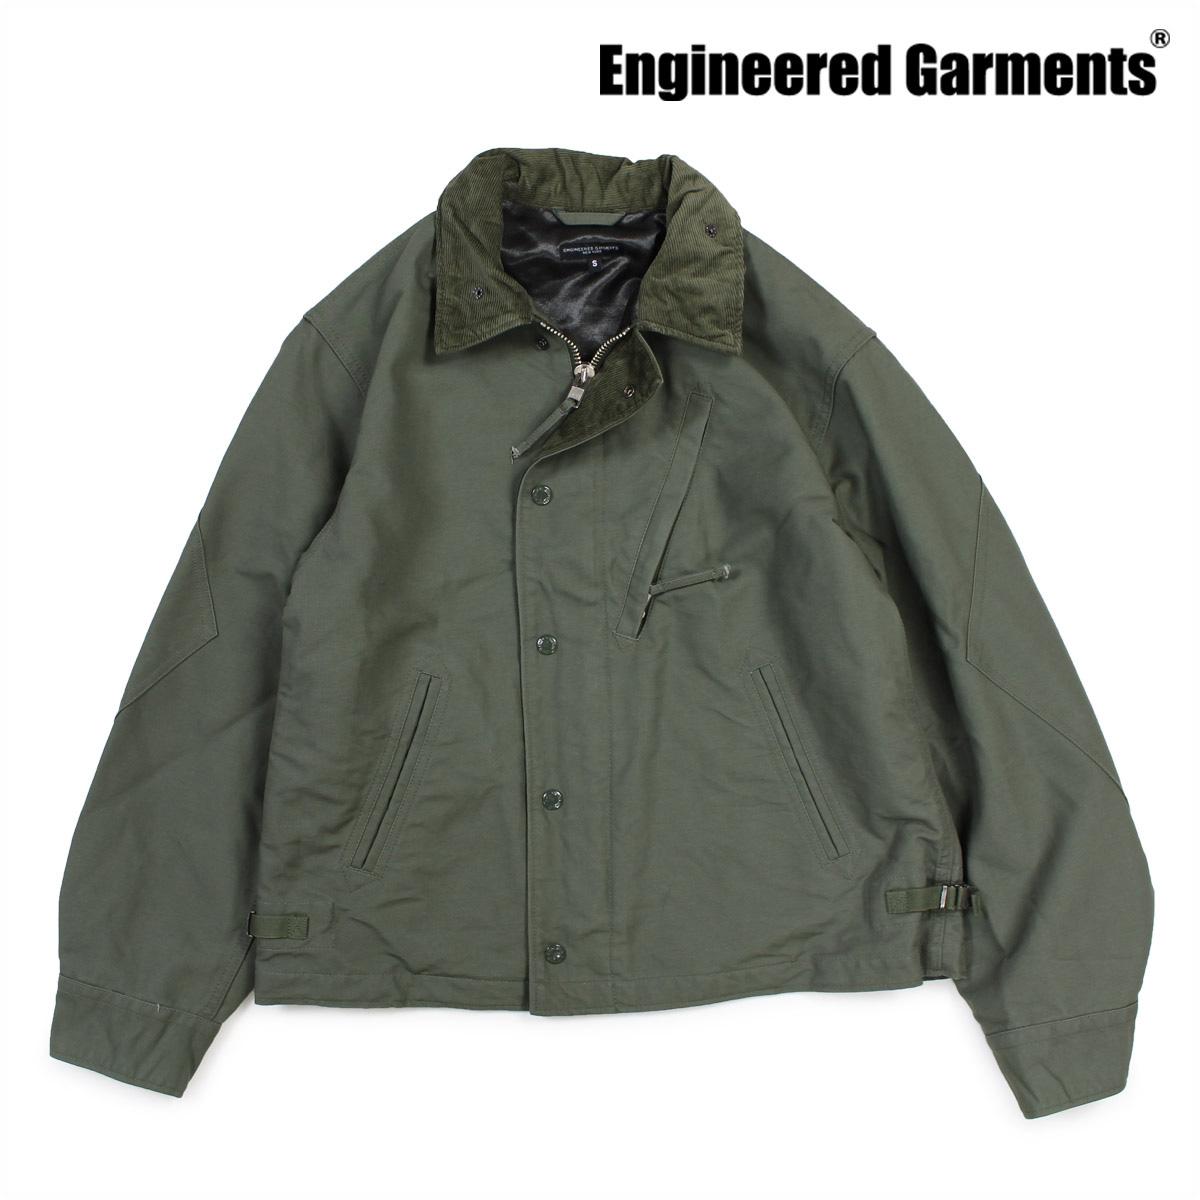 エンジニアードガーメンツ ENGINEERED GARMENTS ジャケット メンズ デッキジャケット NA2 JACKET F7D0856 カーキー 【決算セール 返品不可】